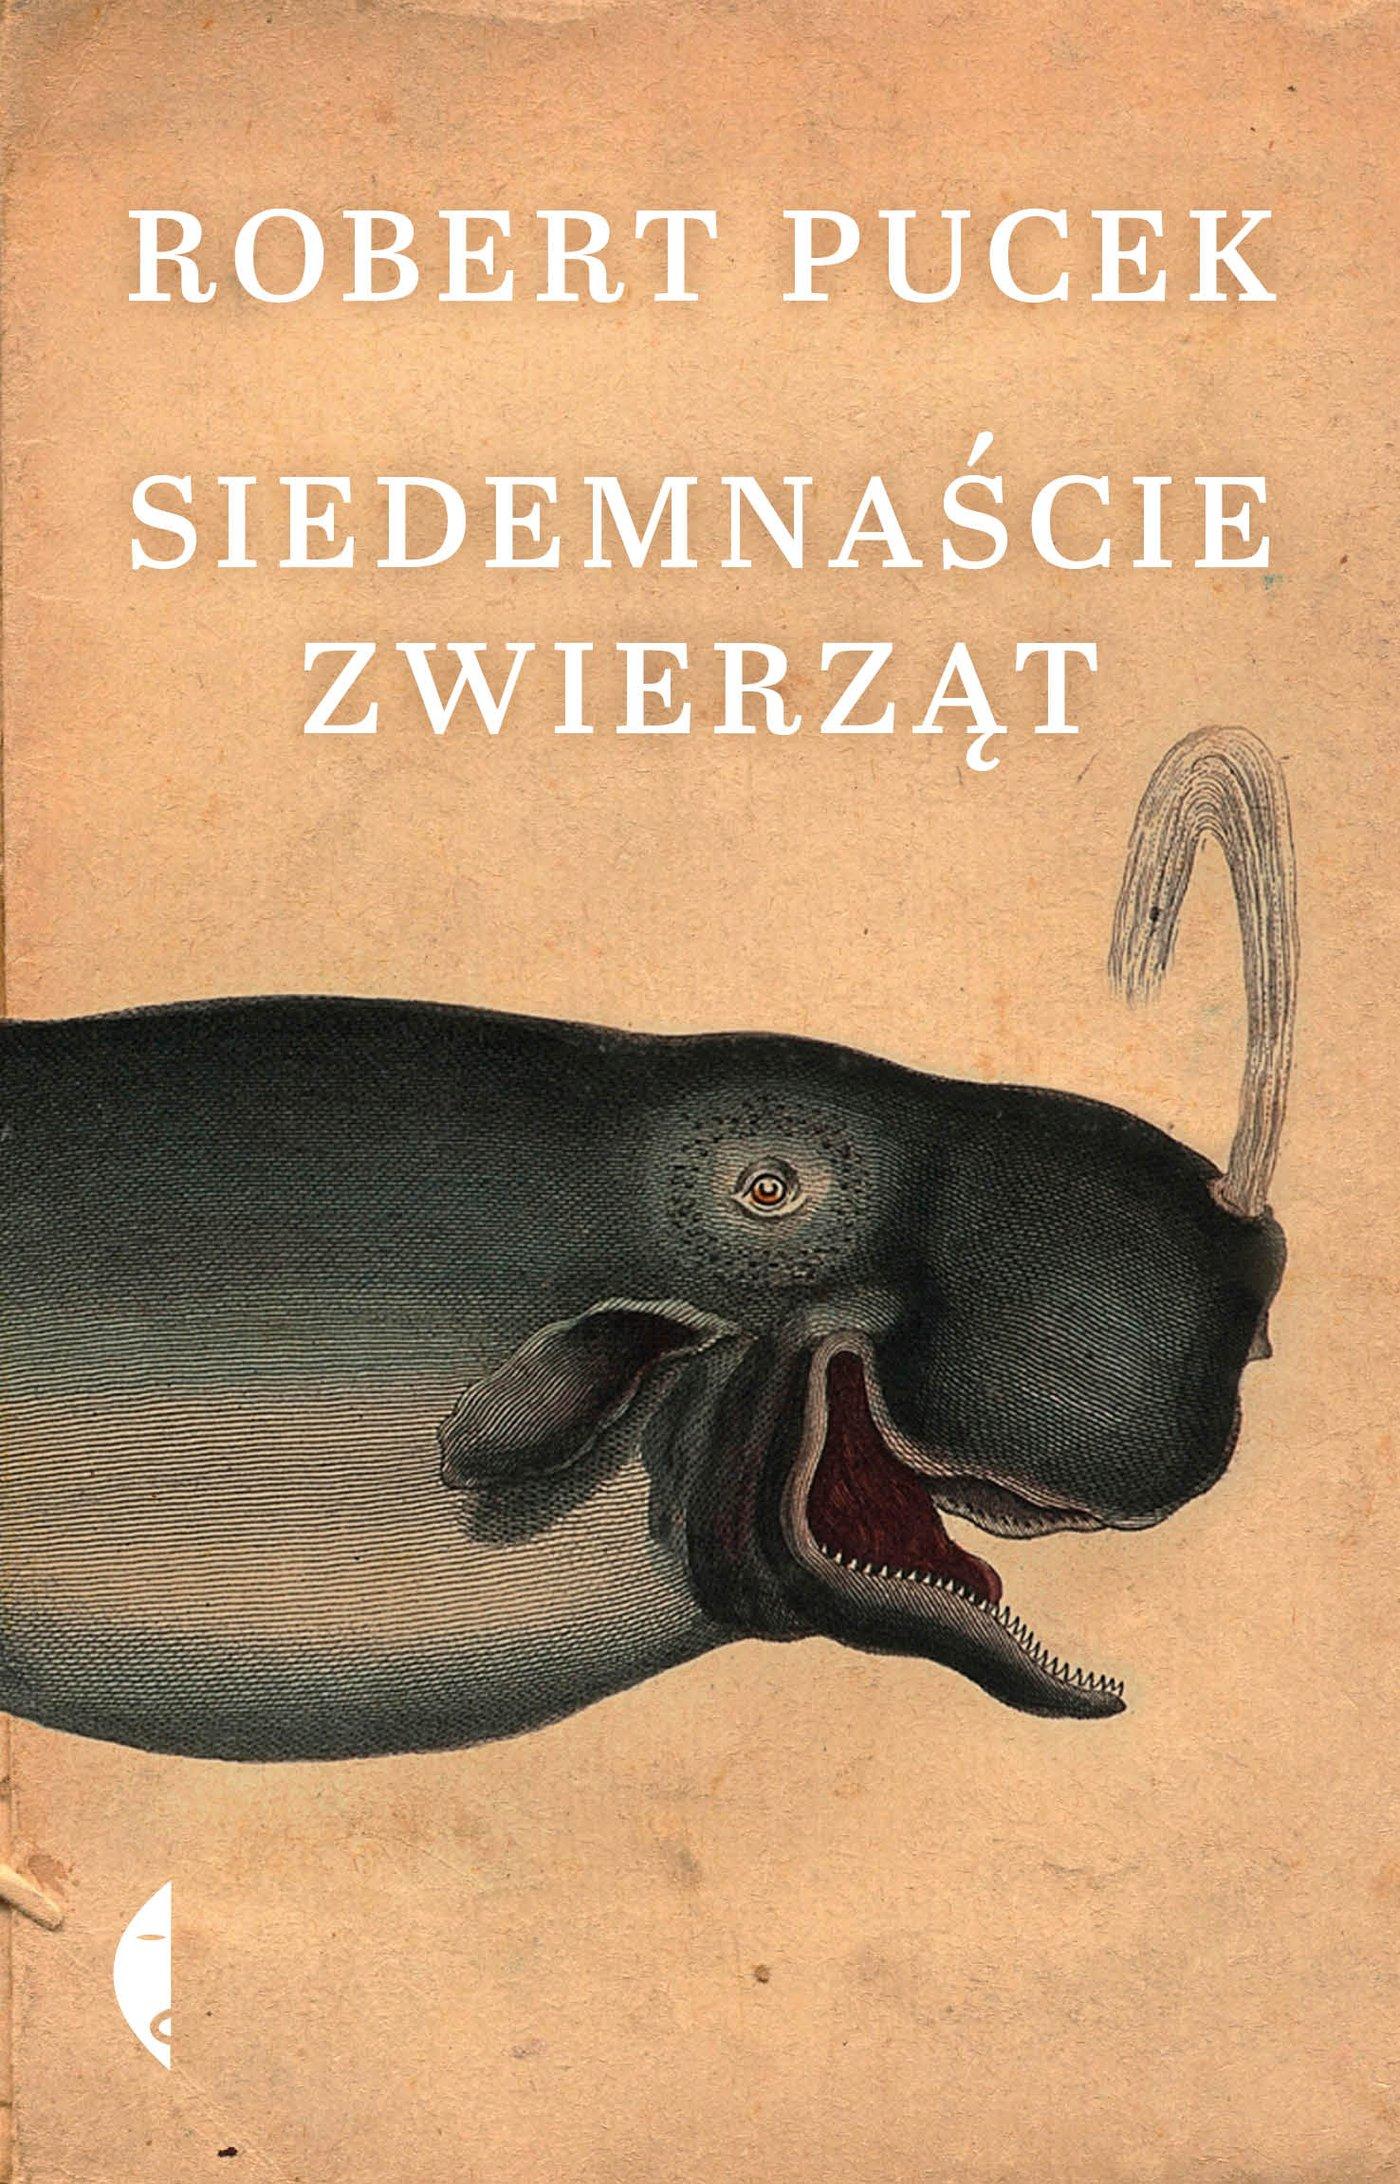 Siedemnaście zwierząt - Ebook (Książka na Kindle) do pobrania w formacie MOBI